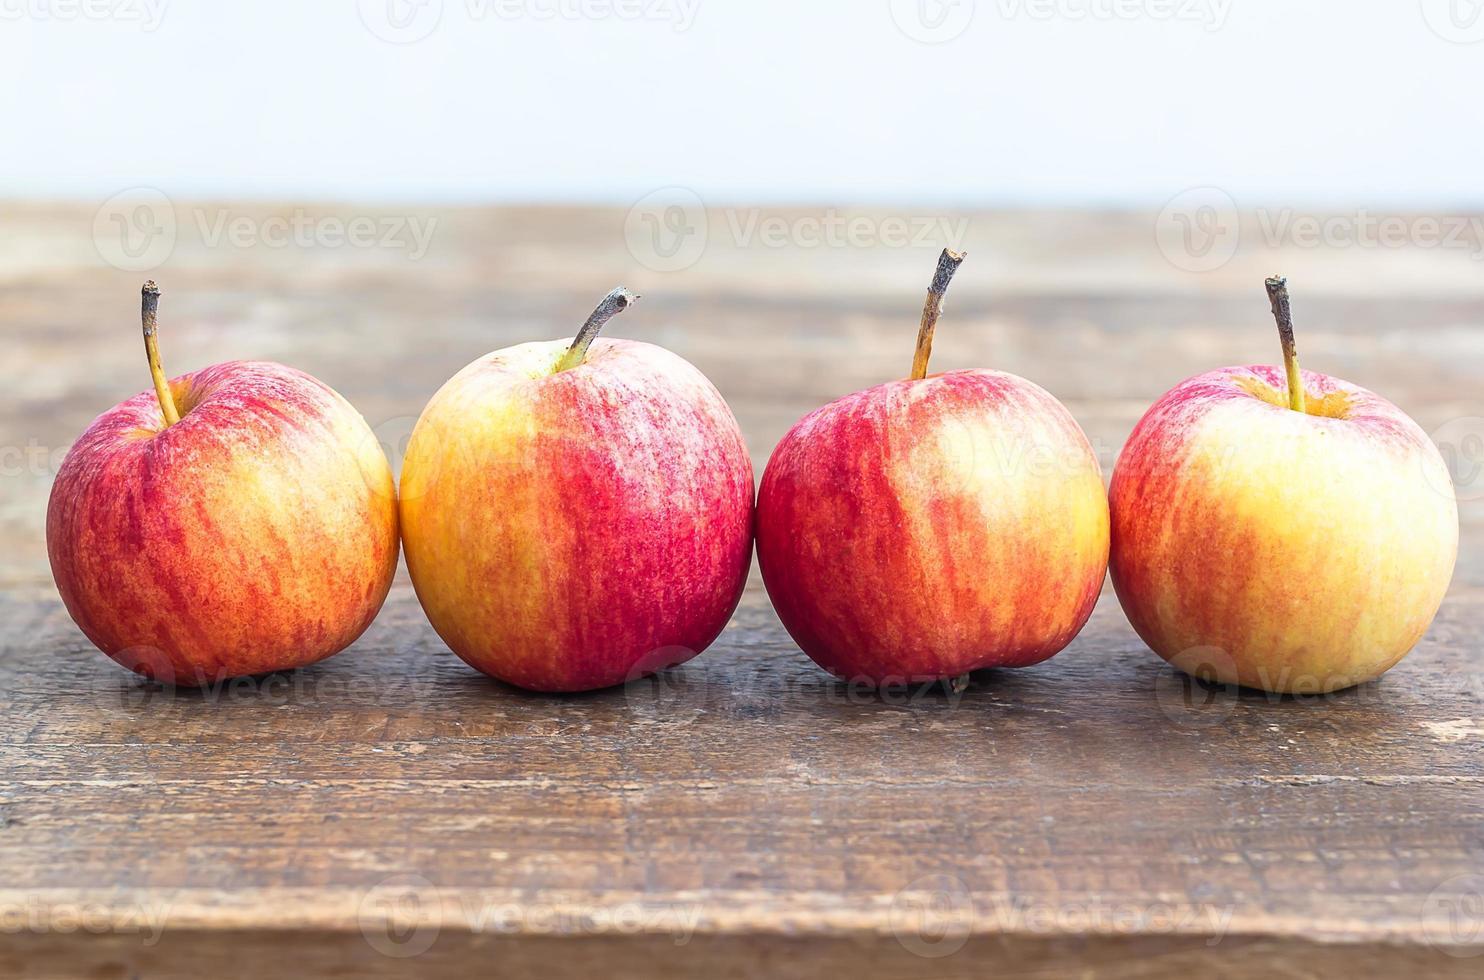 manzanas en fila en la mesa de madera foto